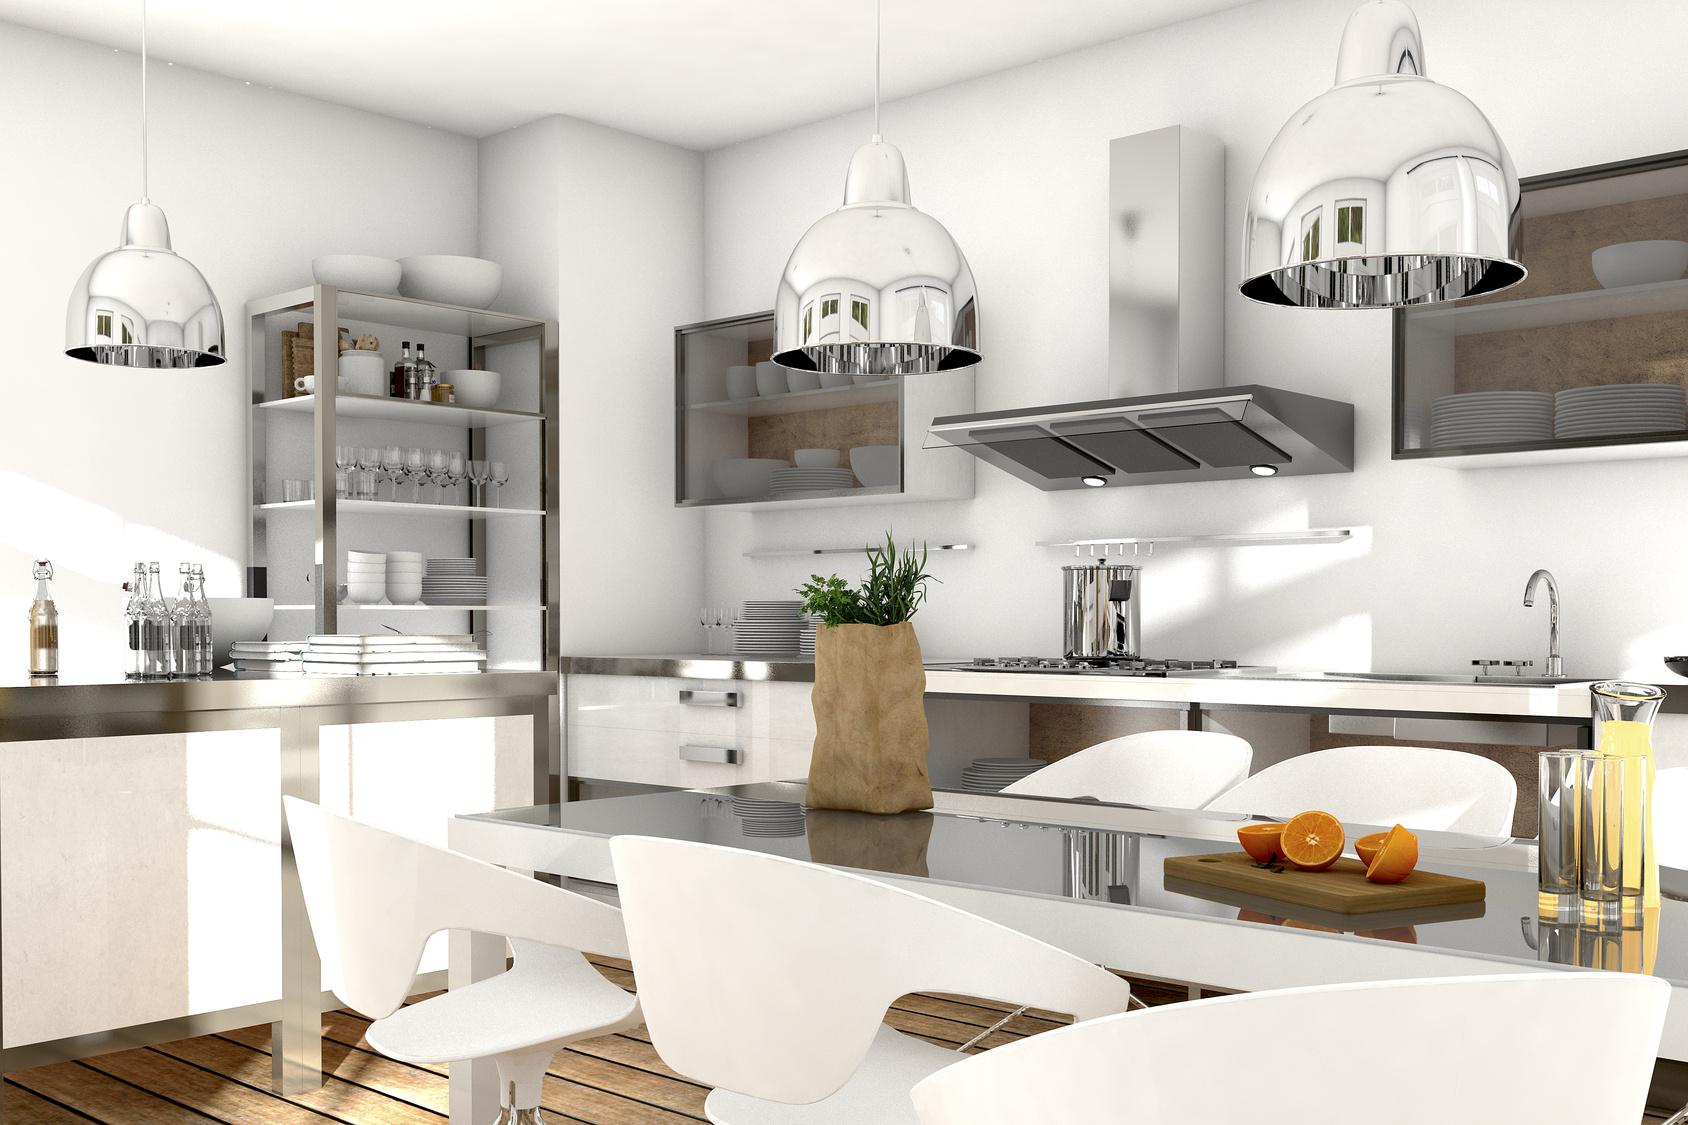 Faszinierend Offene Küche Galerie Von Edelstahlküche Mit Glas